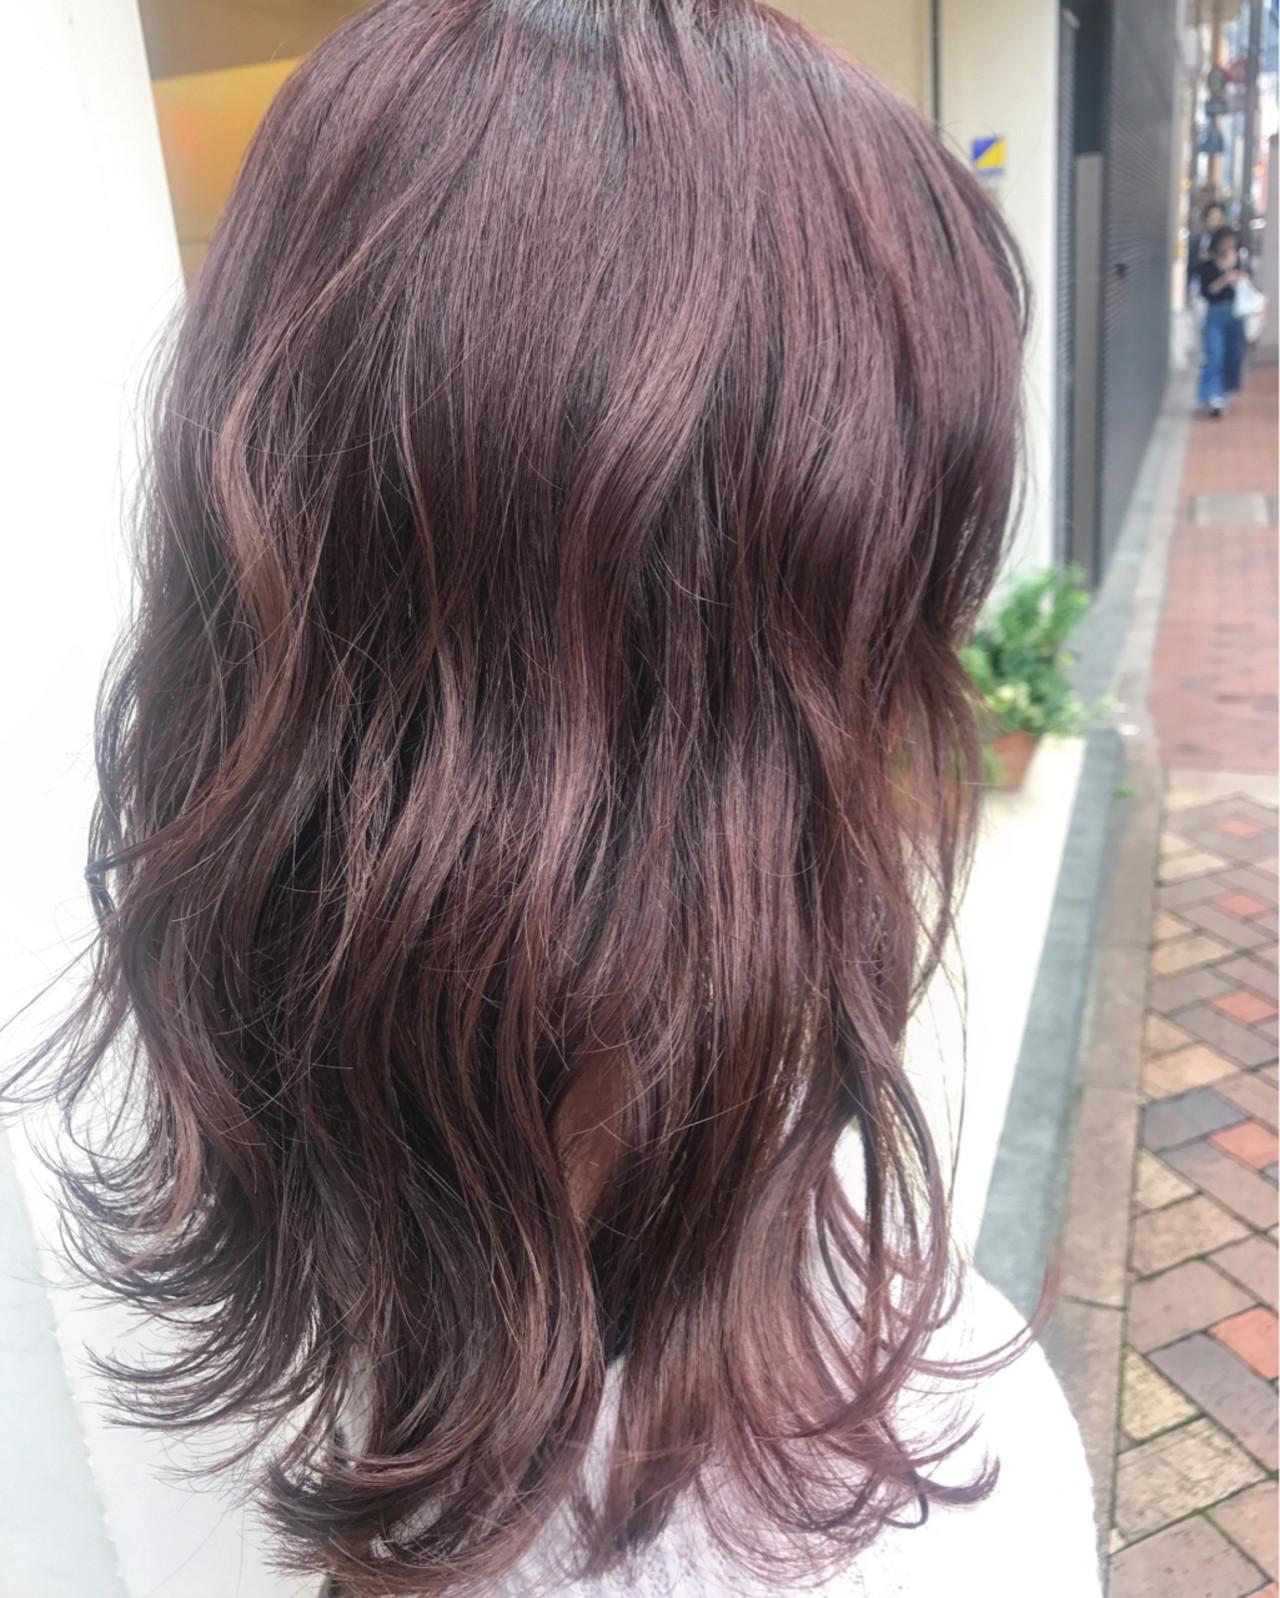 ミディアム ラベンダー ナチュラル 透明感 ヘアスタイルや髪型の写真・画像